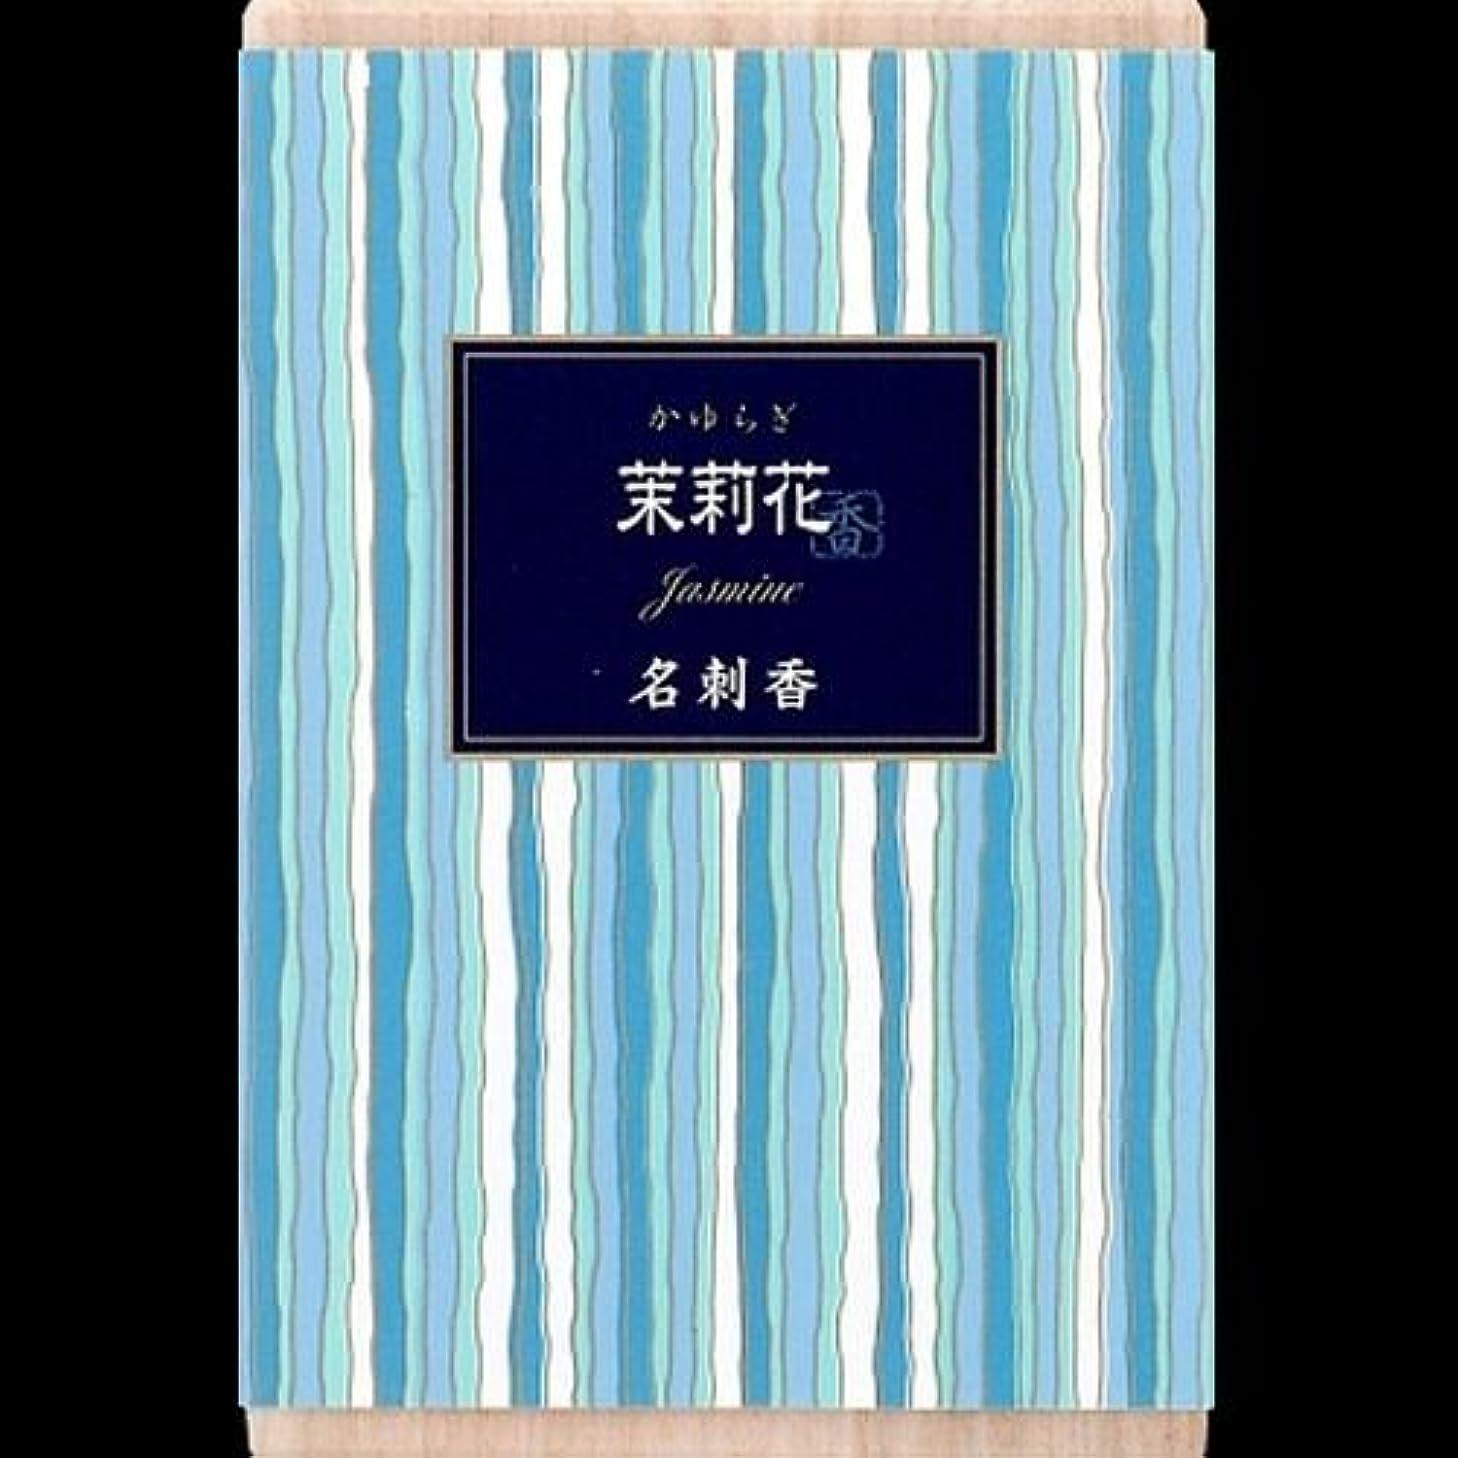 遡る振幅製品【まとめ買い】かゆらぎ 茉莉花 名刺香 桐箱 6入 ×2セット